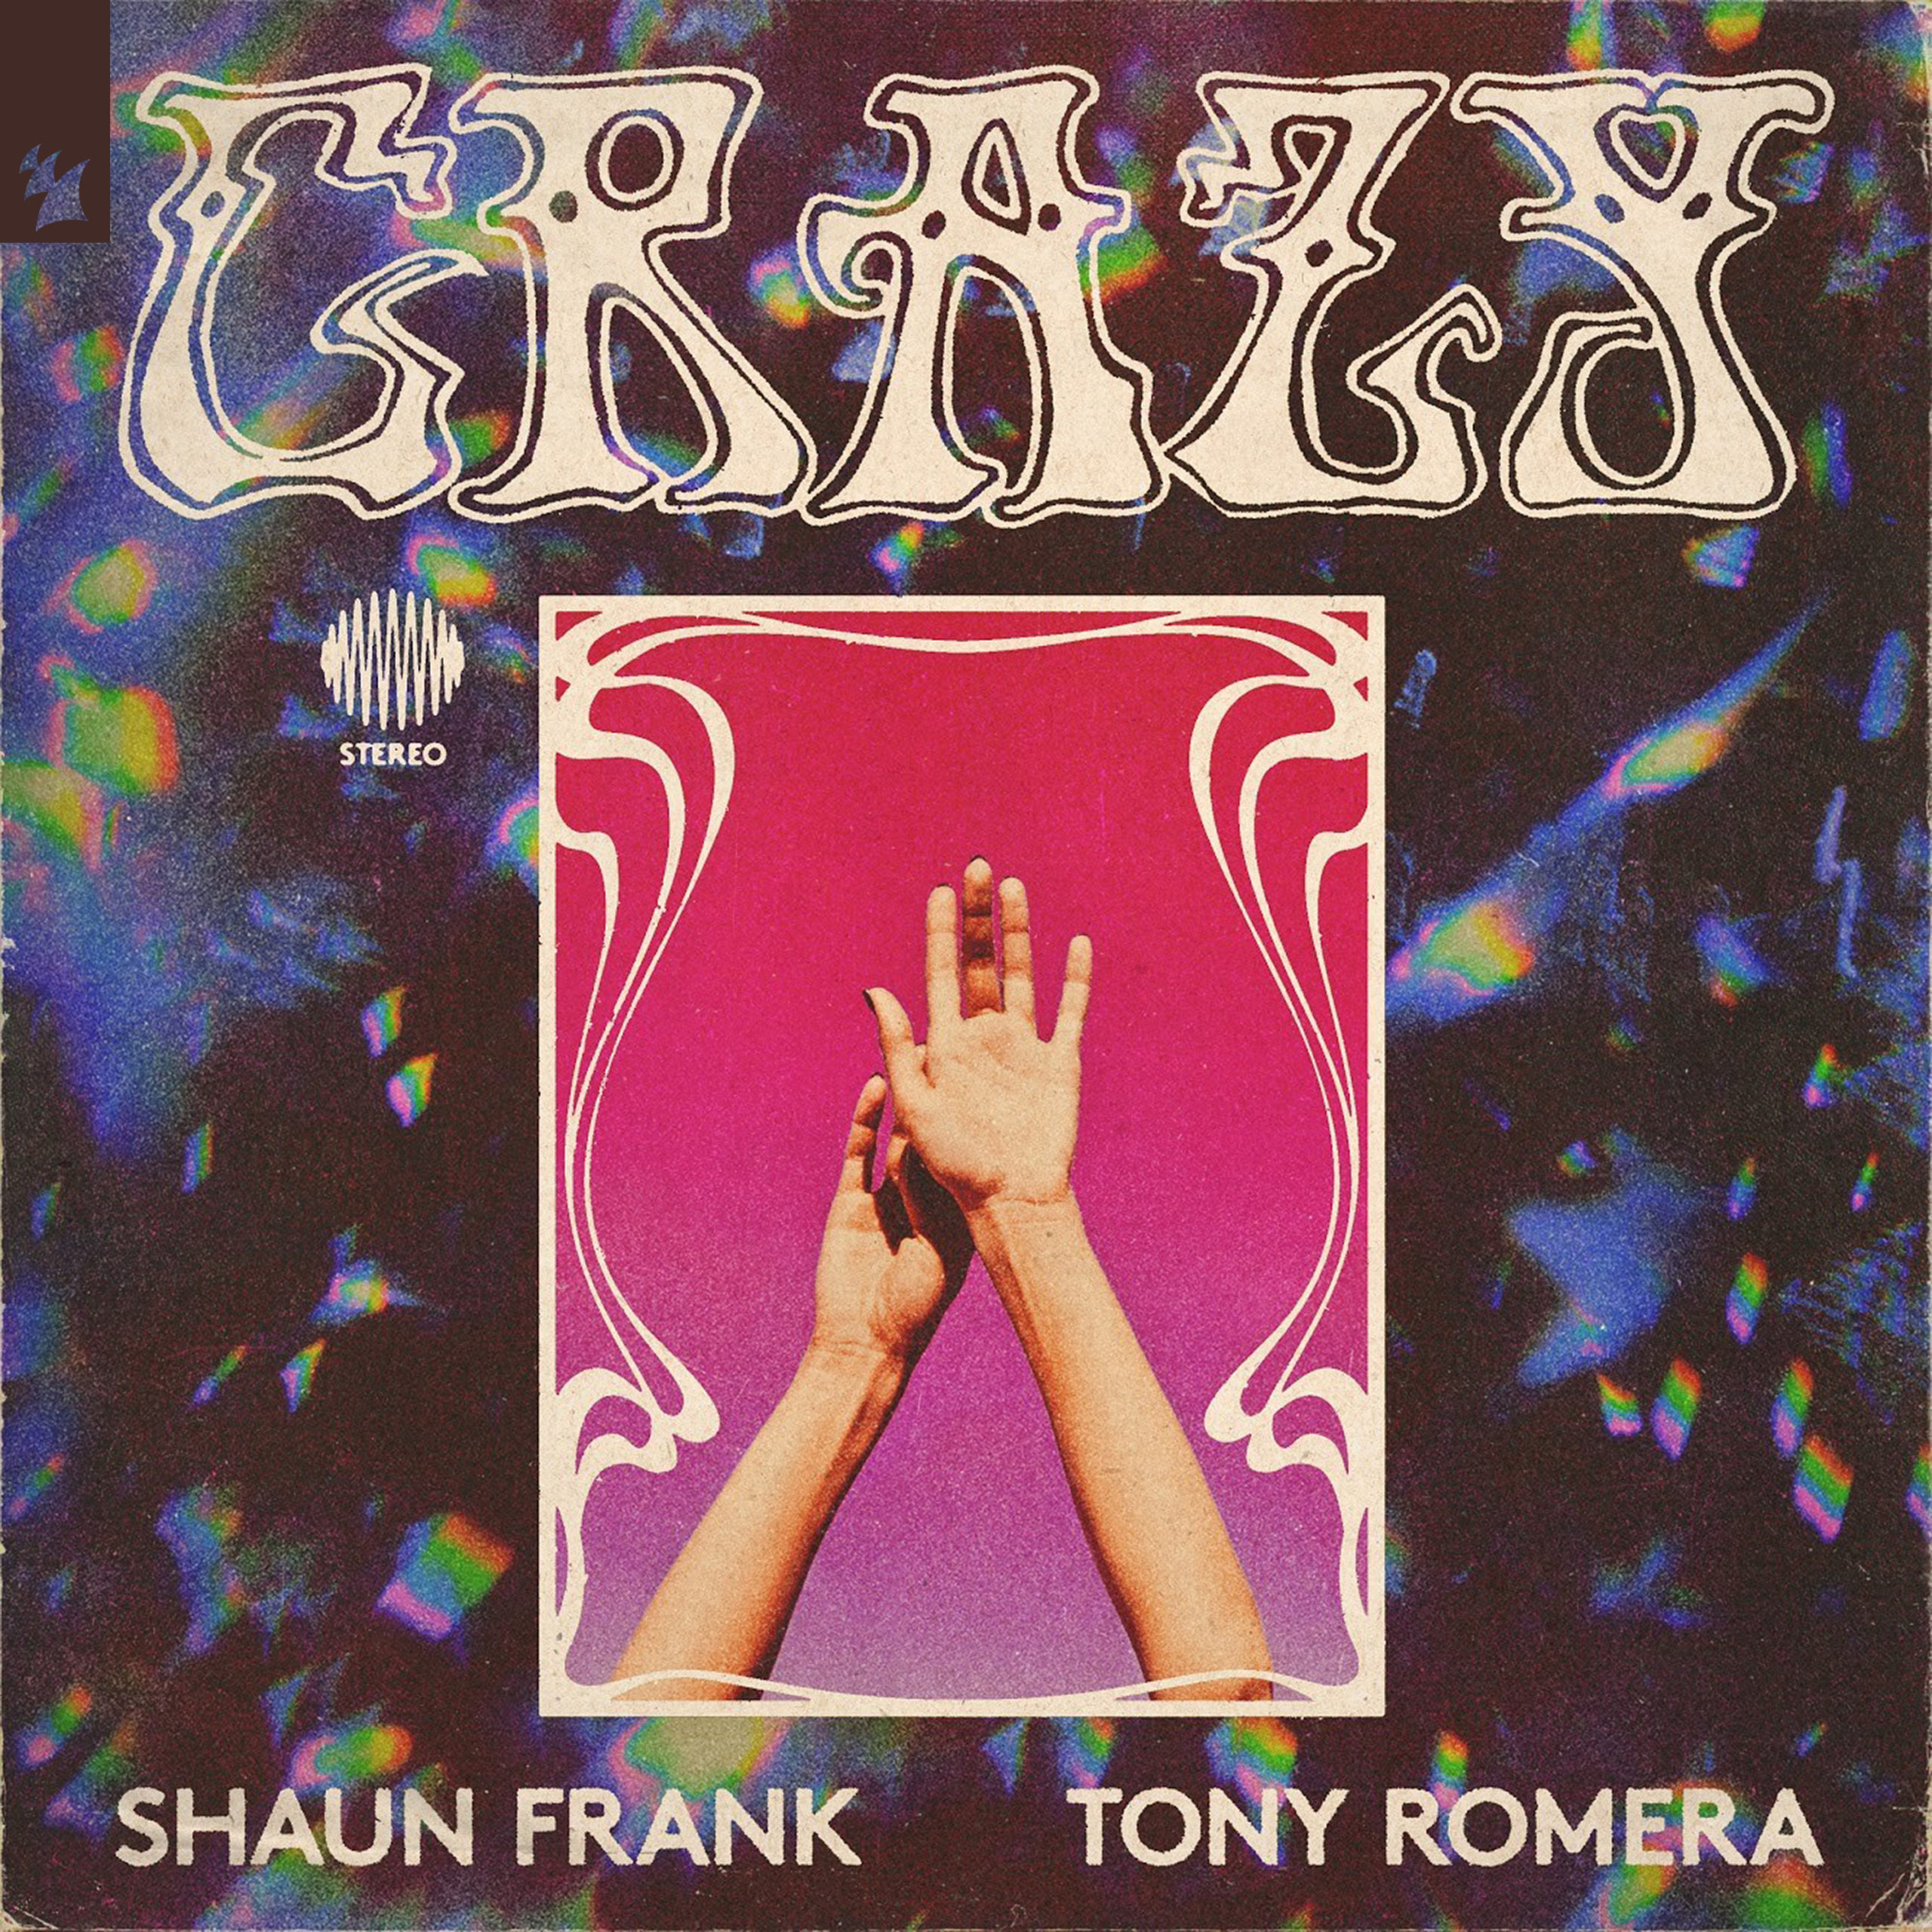 Tony Romera & Shaun Franck - Crazy